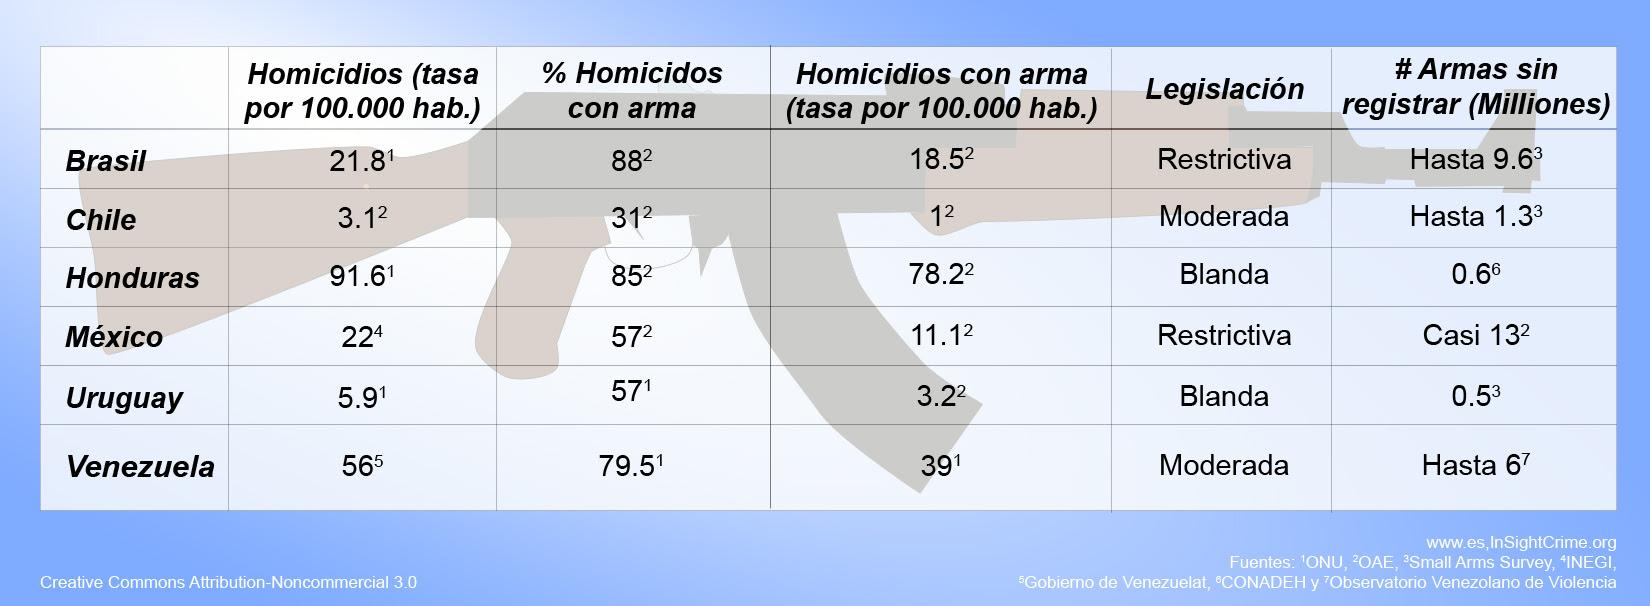 homicides guns espanhol-1